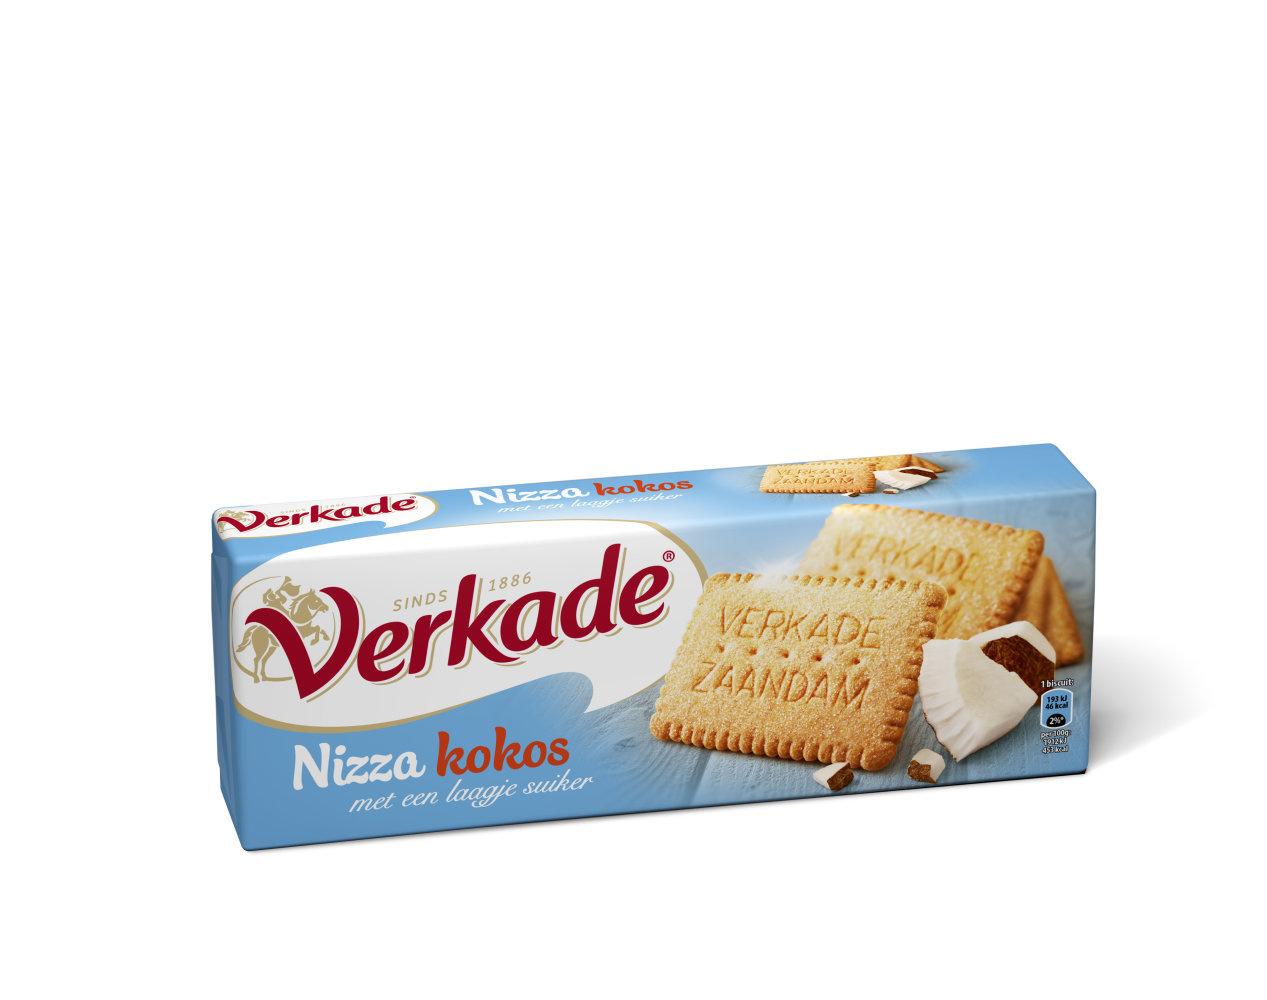 Verkade Verkade - C&C Nizza 240Gr, 6 Pack